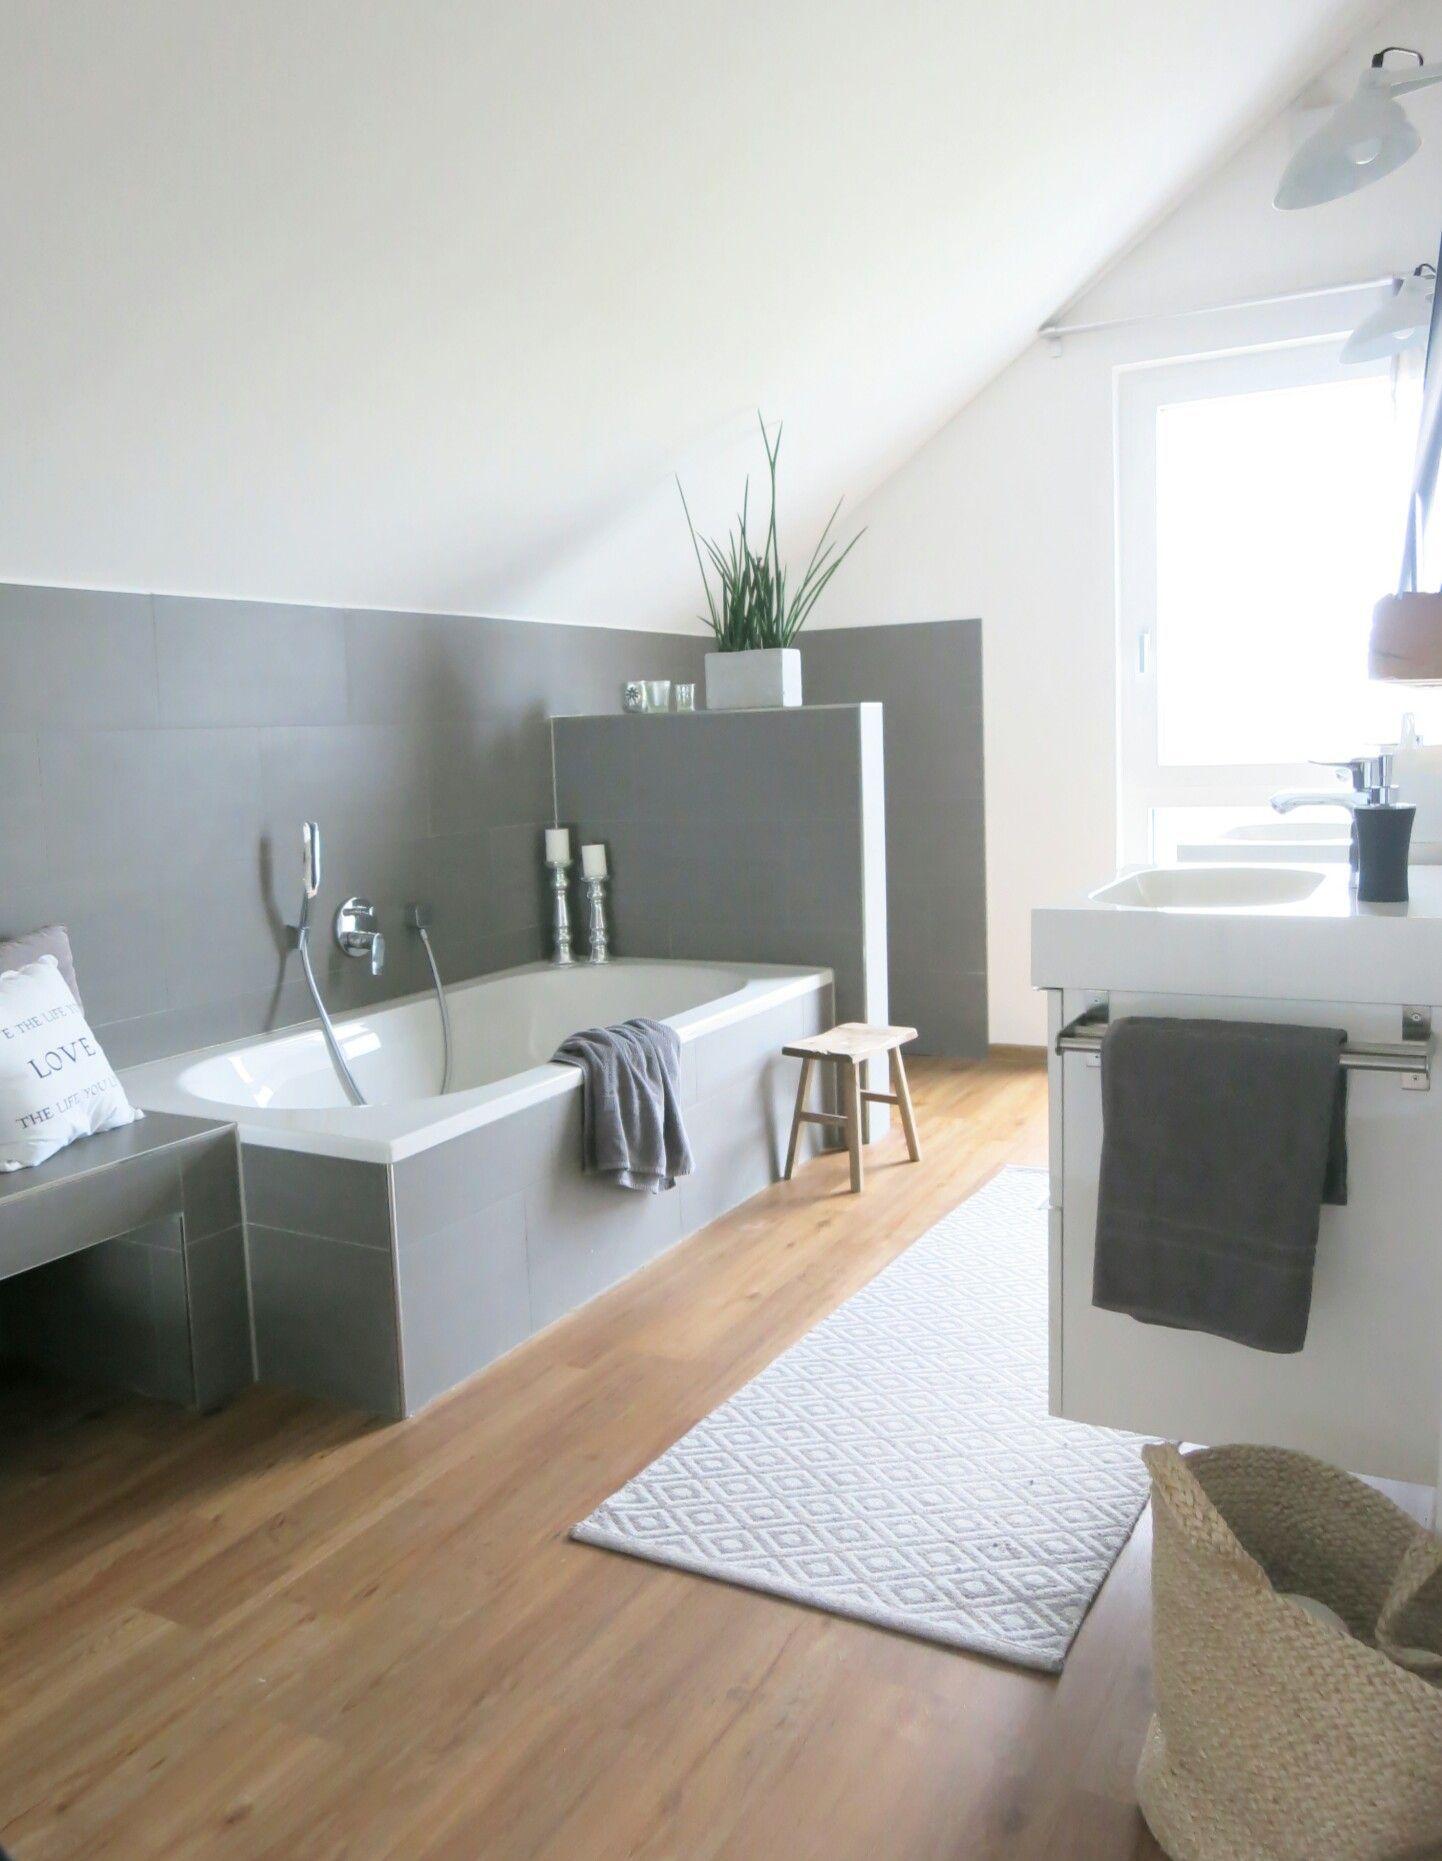 Photo of Modernes Badezimmer mit Holz und Beton, Badezimmer, Wohnen, Bathroom, Badewanne,… – My Blog – My Blog